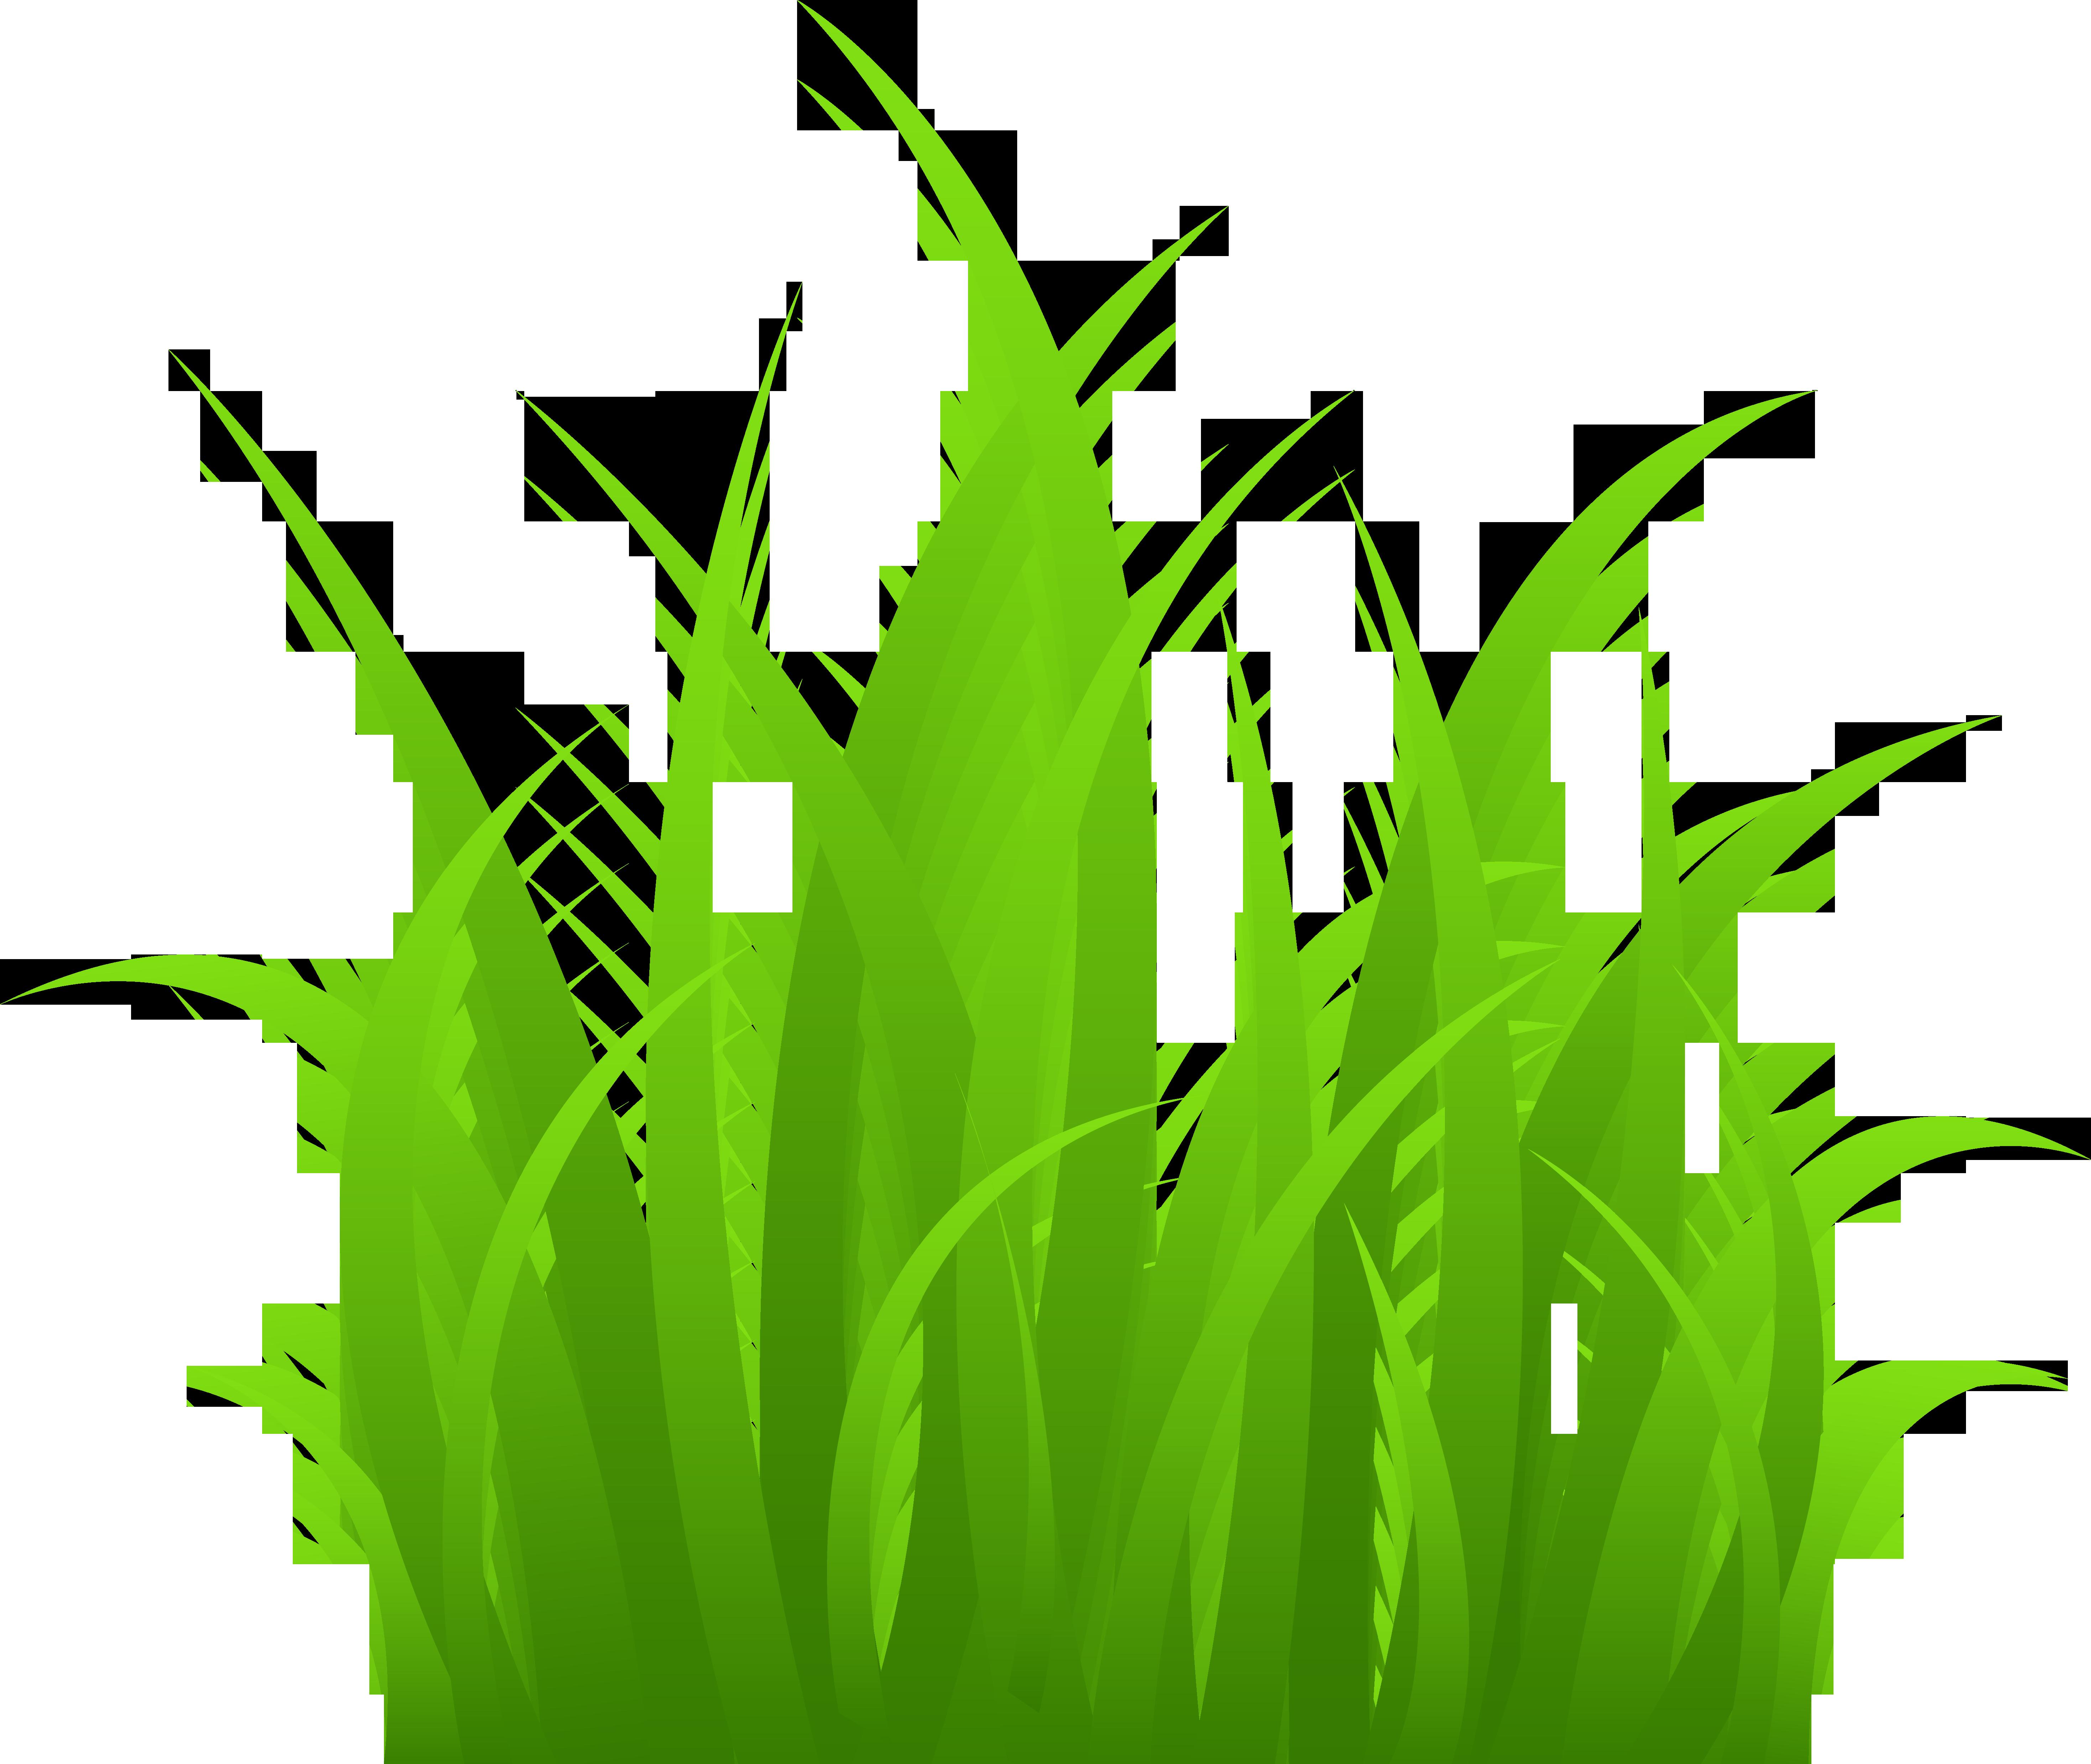 15 Grass Vector Clip Art Images